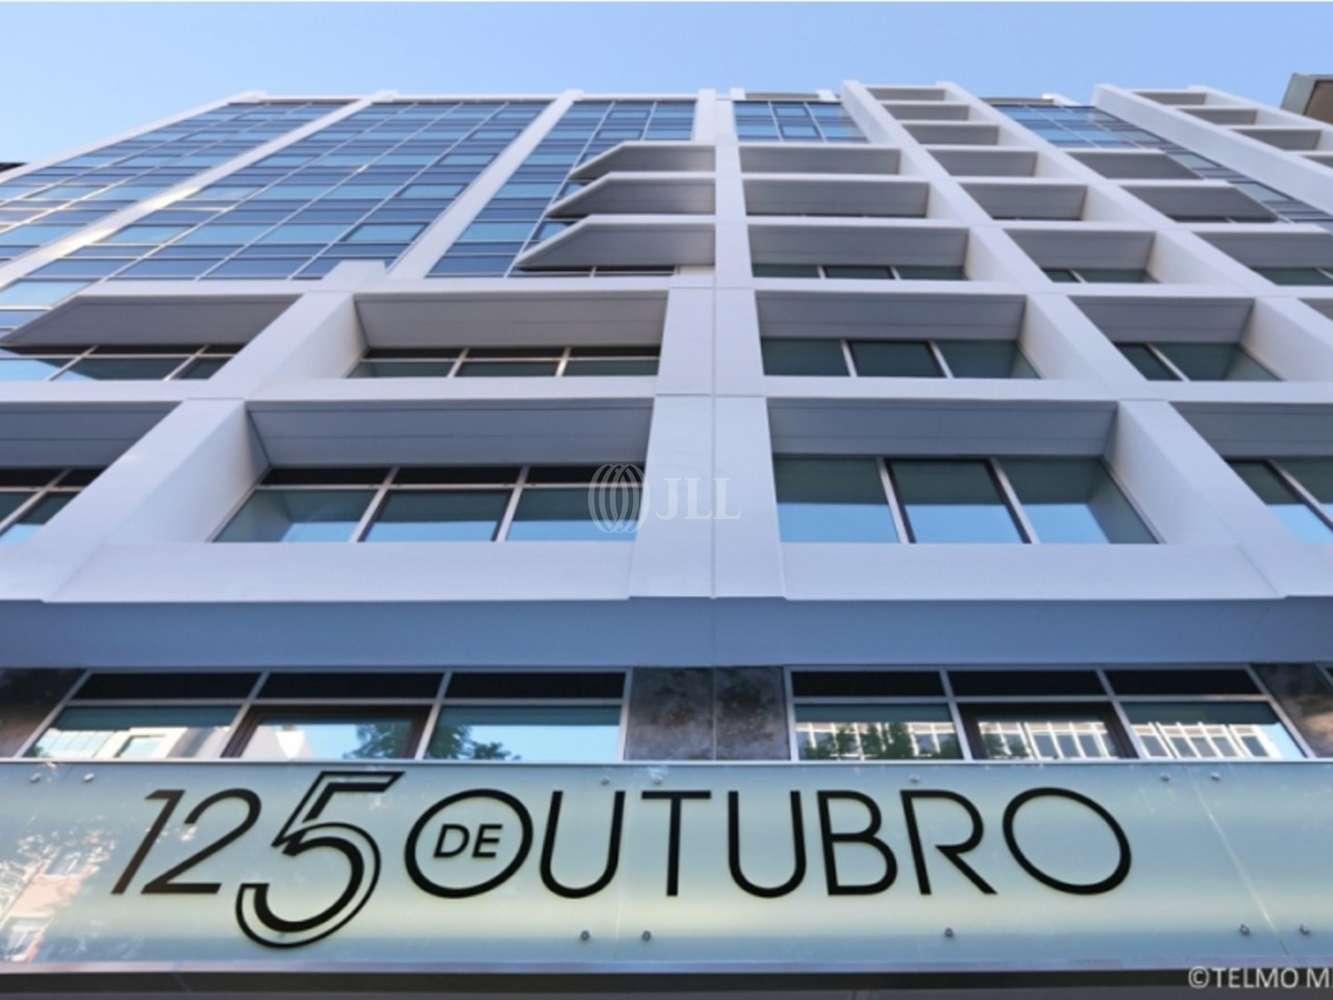 Loja Lisboa,  - Lojas 5 de Outubro 125